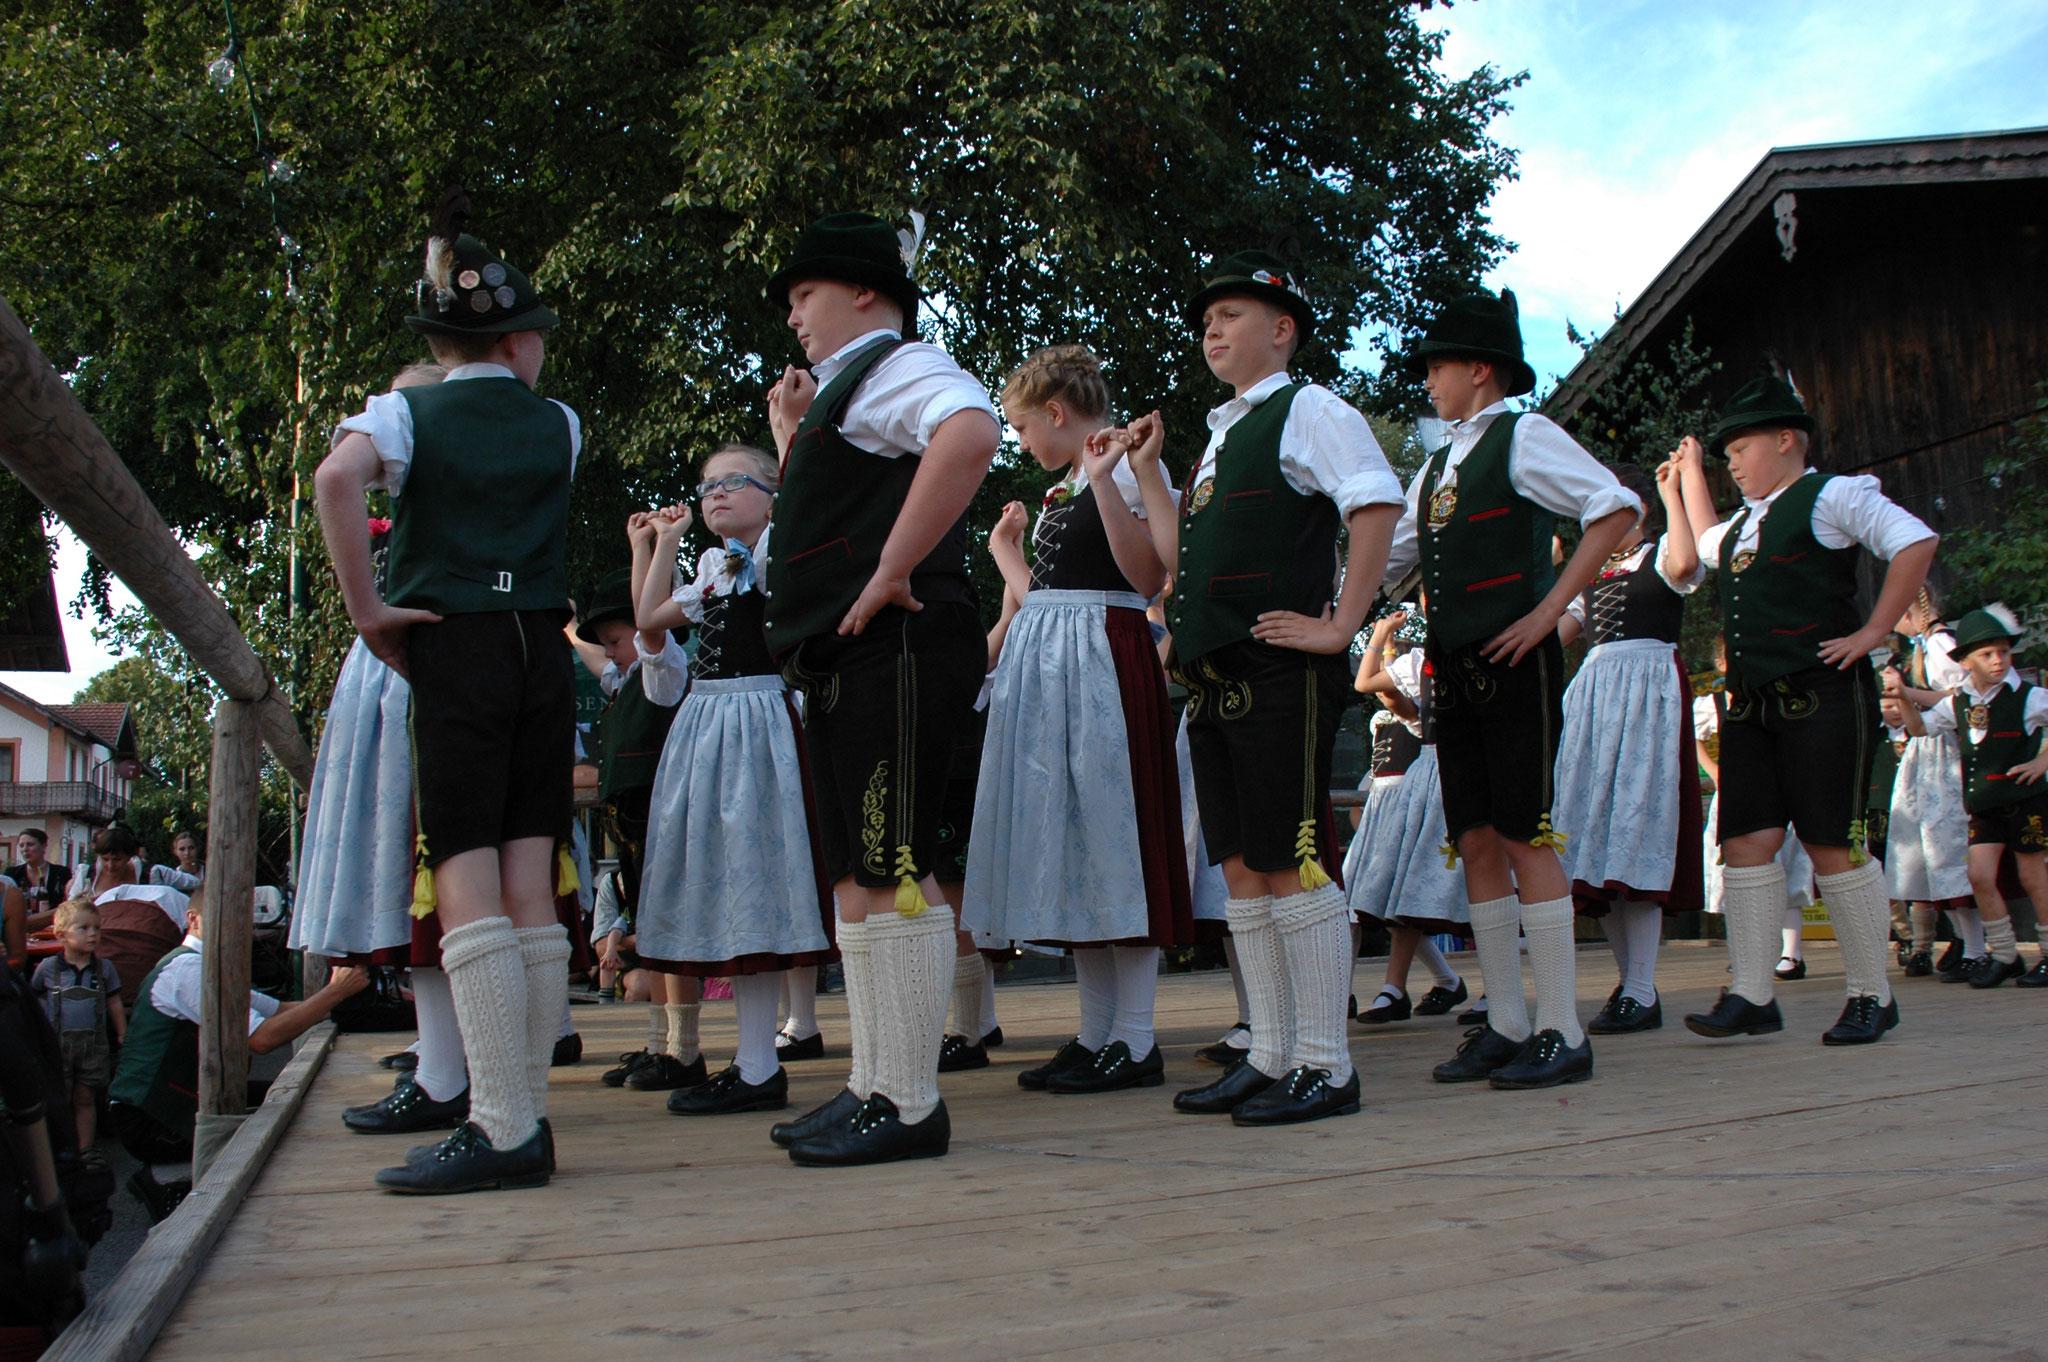 Kindergruppe Dorffest Lauterbach Trachtenverein